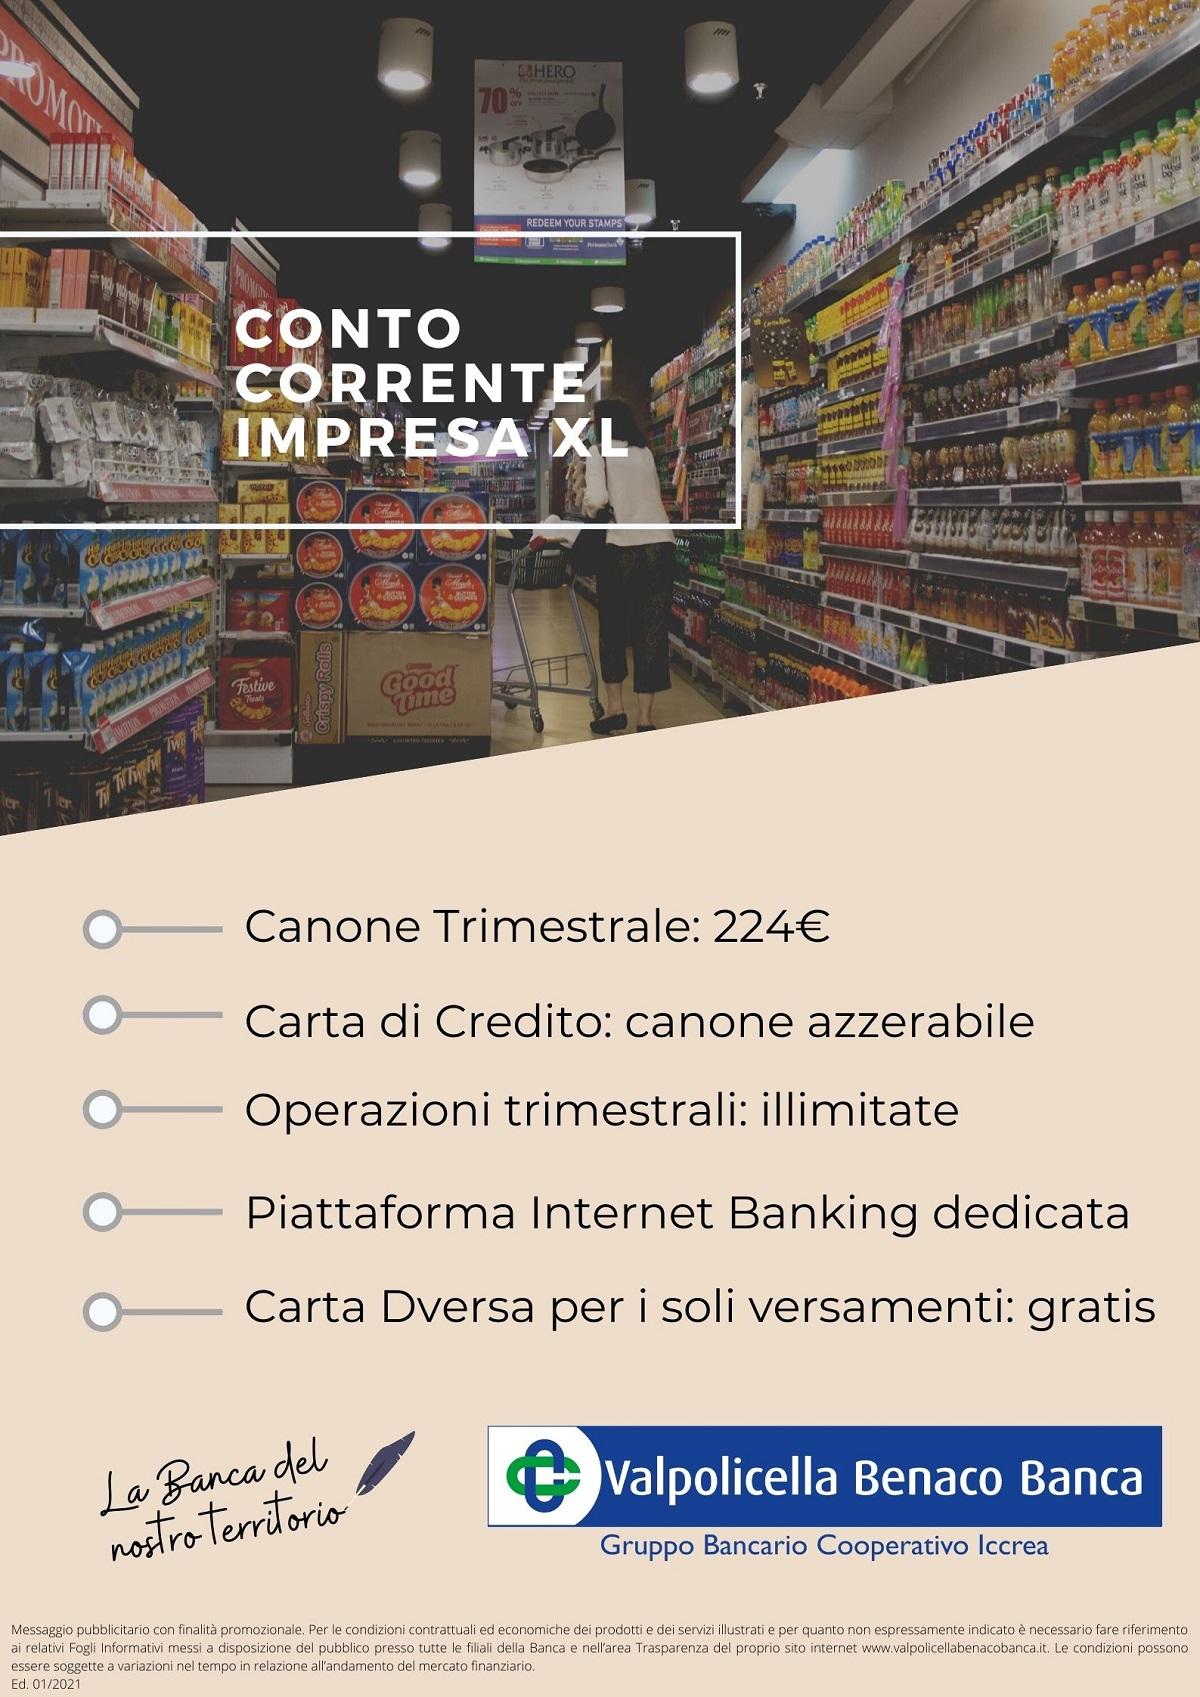 Conto Corrente Impresa XL 2021